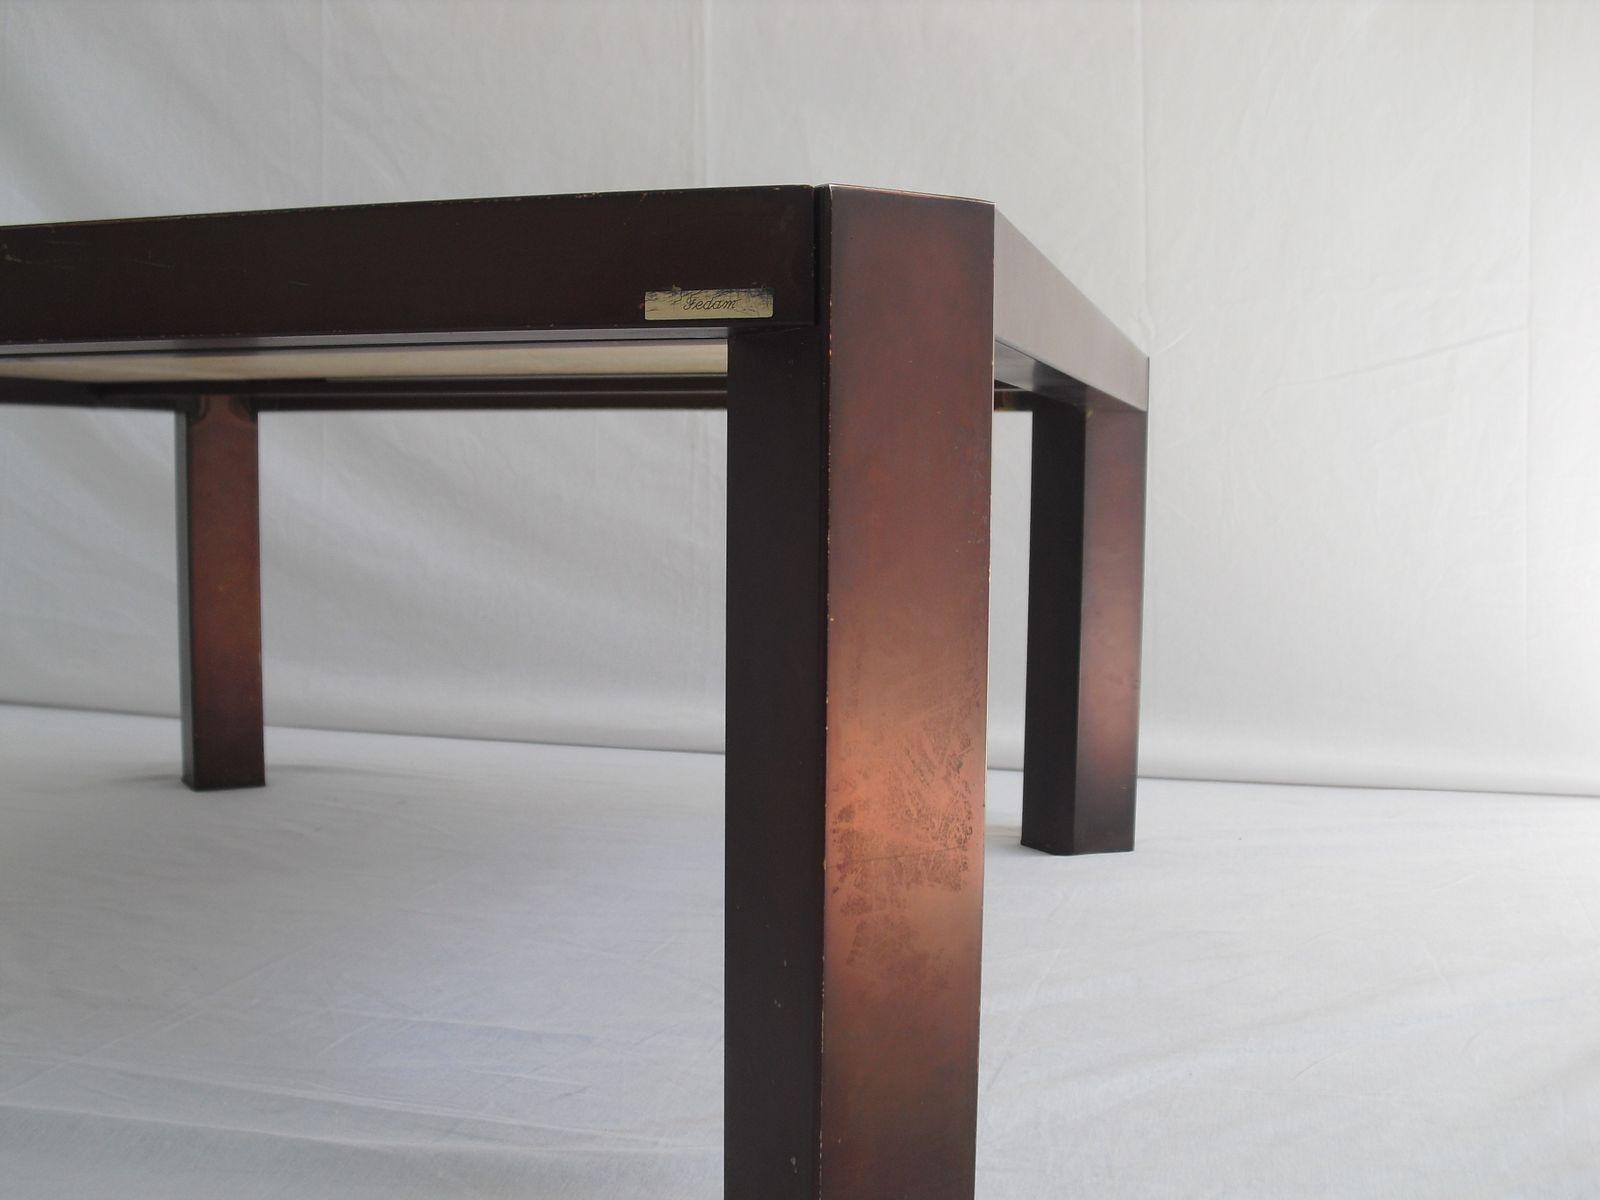 table basse mid century en travertin par fedam belgium 1970s en vente sur pamono. Black Bedroom Furniture Sets. Home Design Ideas